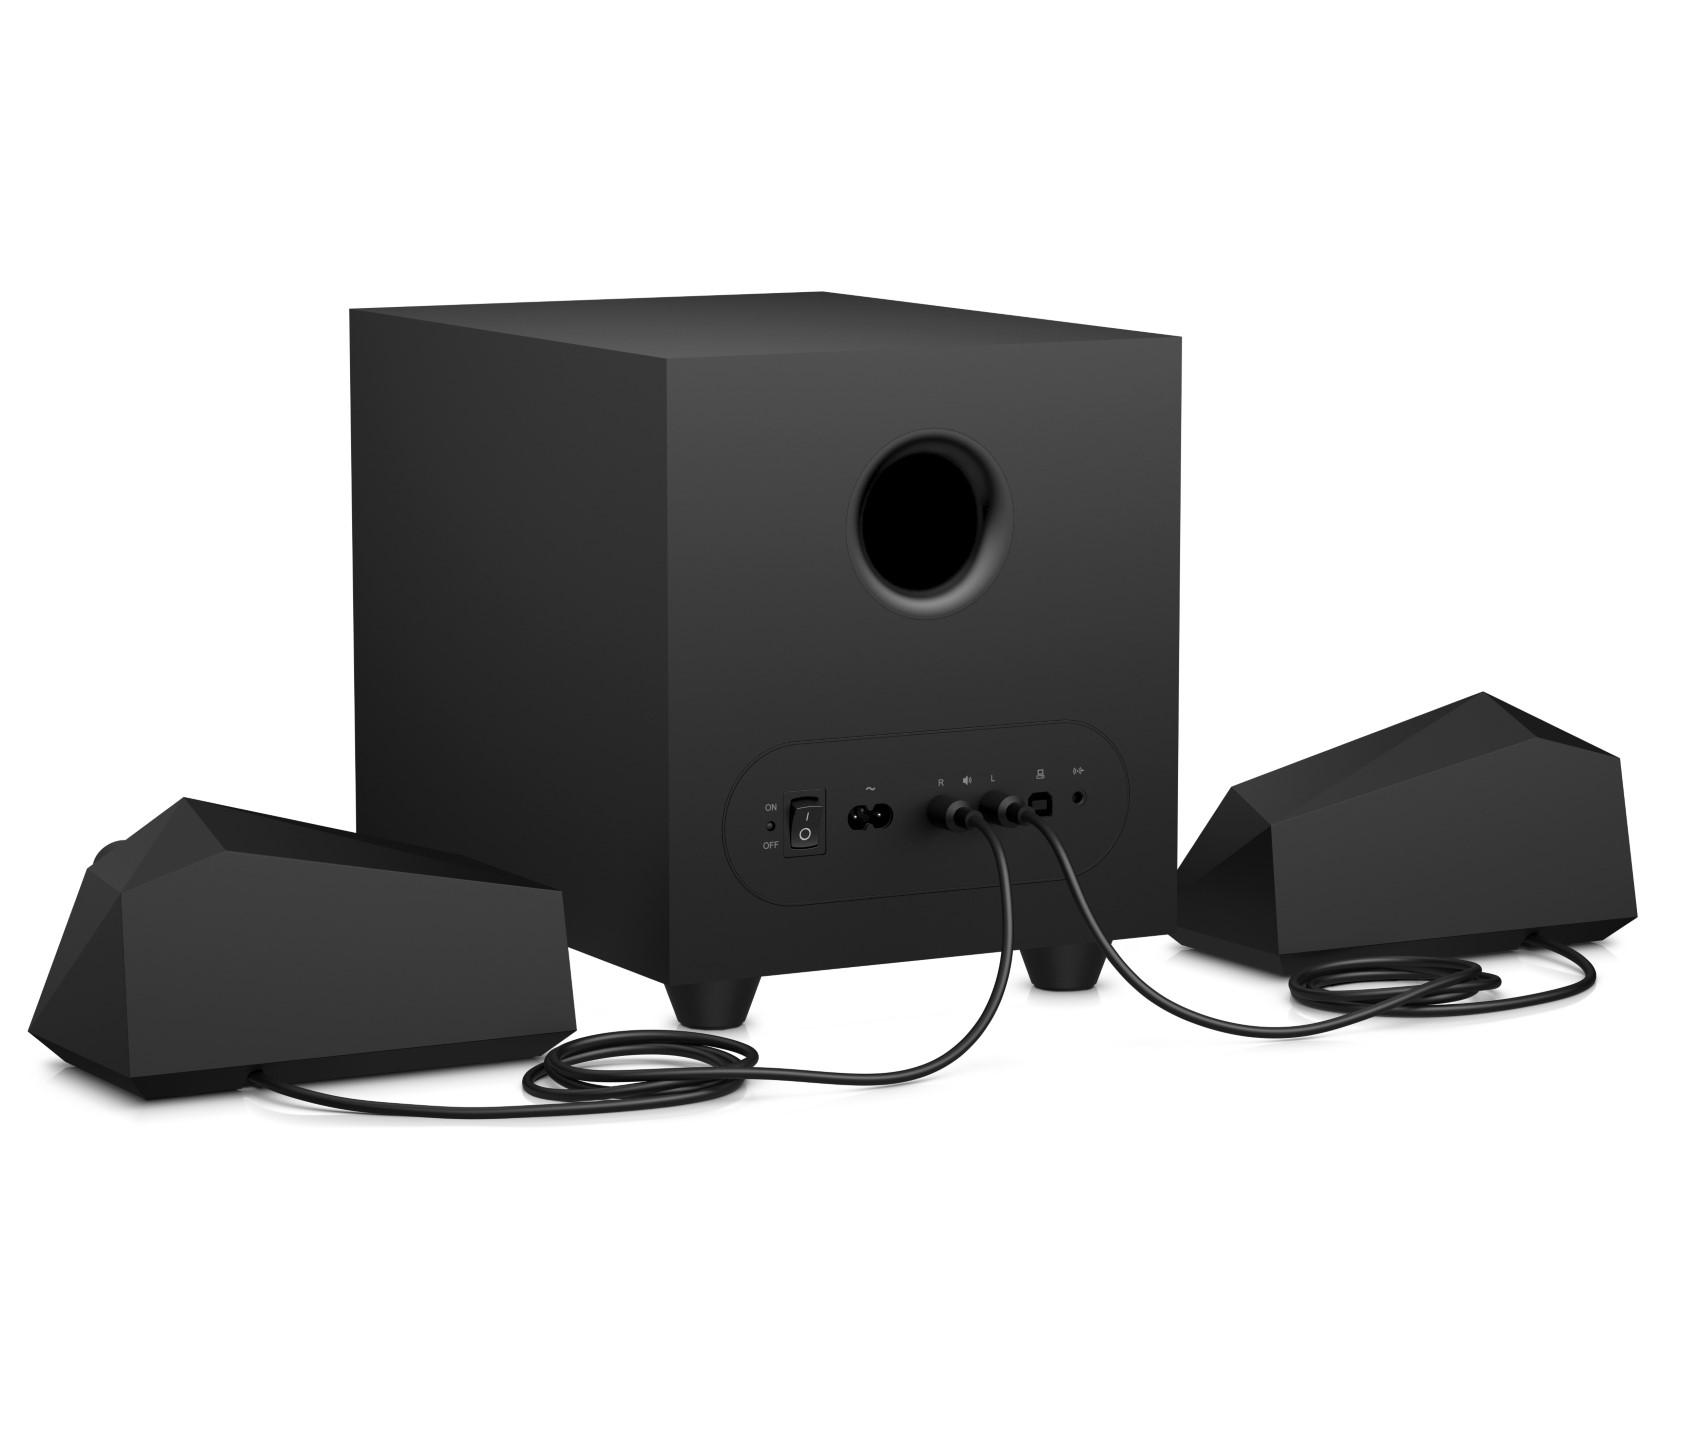 Zubehör: HP bringt neue Headsets, Lautsprecher und Ohrstöpsel - HP Gaming Speakers X1000 (Bild: HP)